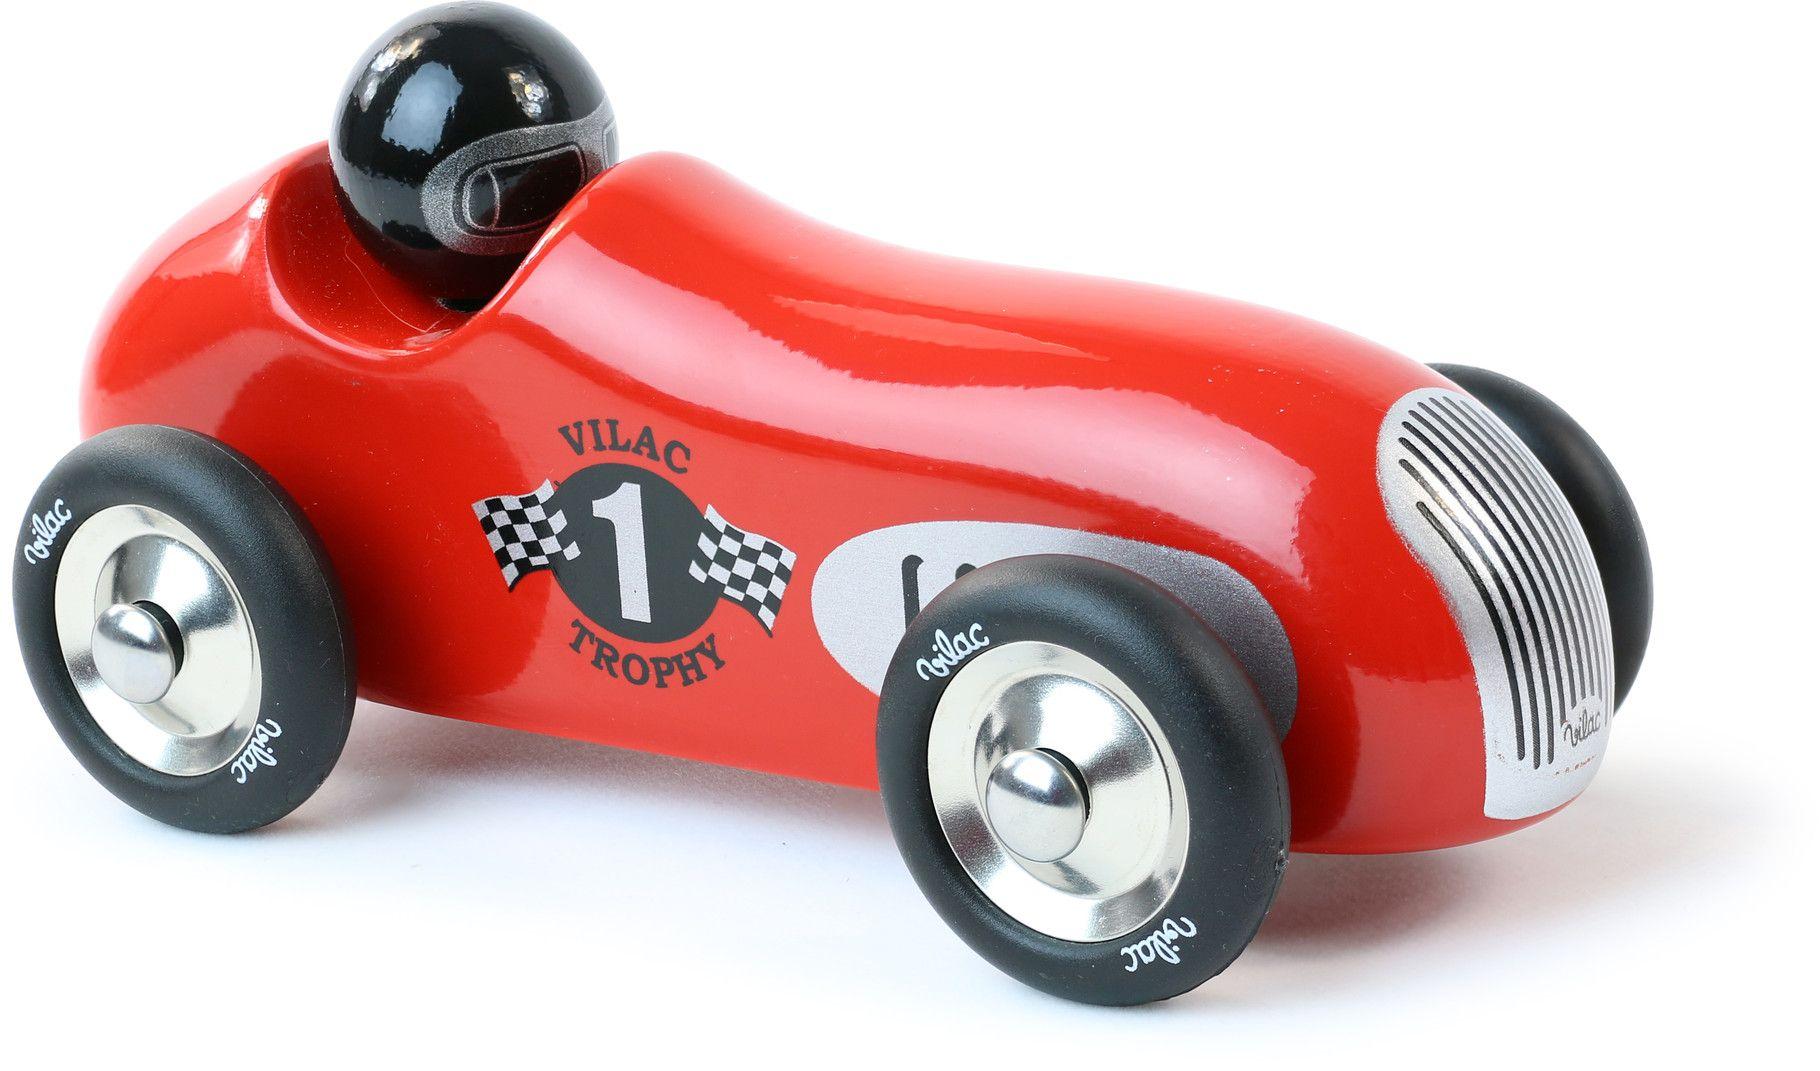 voiture en bois old sport bleue drapeau anglais vilac jouets bois wood toys jouets en bois. Black Bedroom Furniture Sets. Home Design Ideas